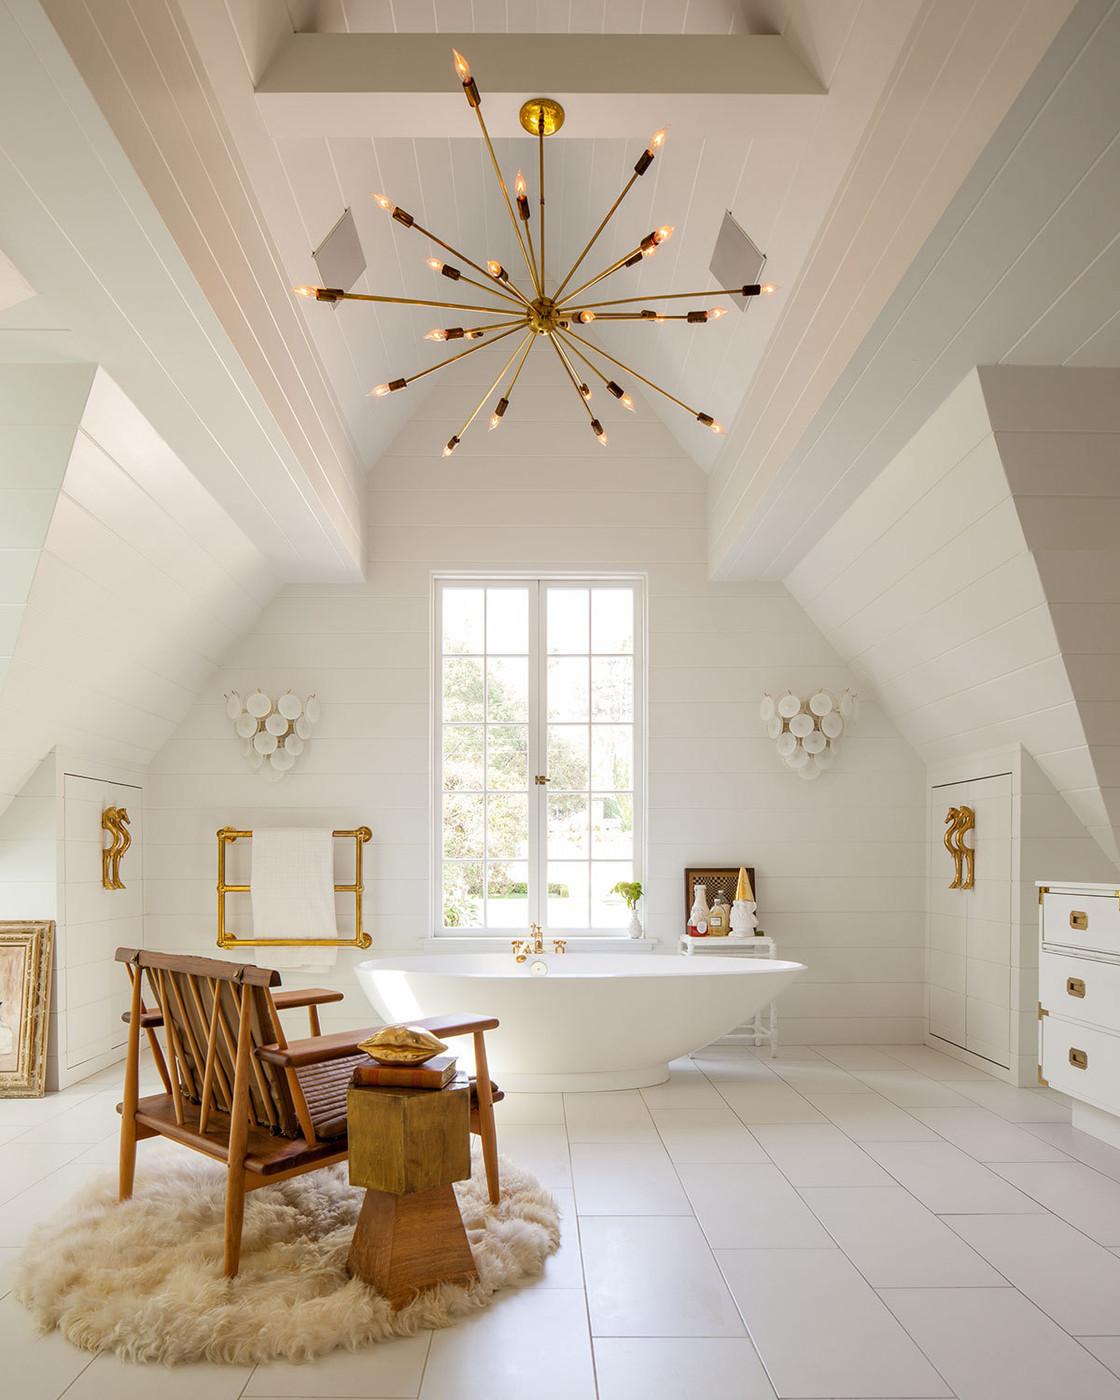 salon salle de bain4